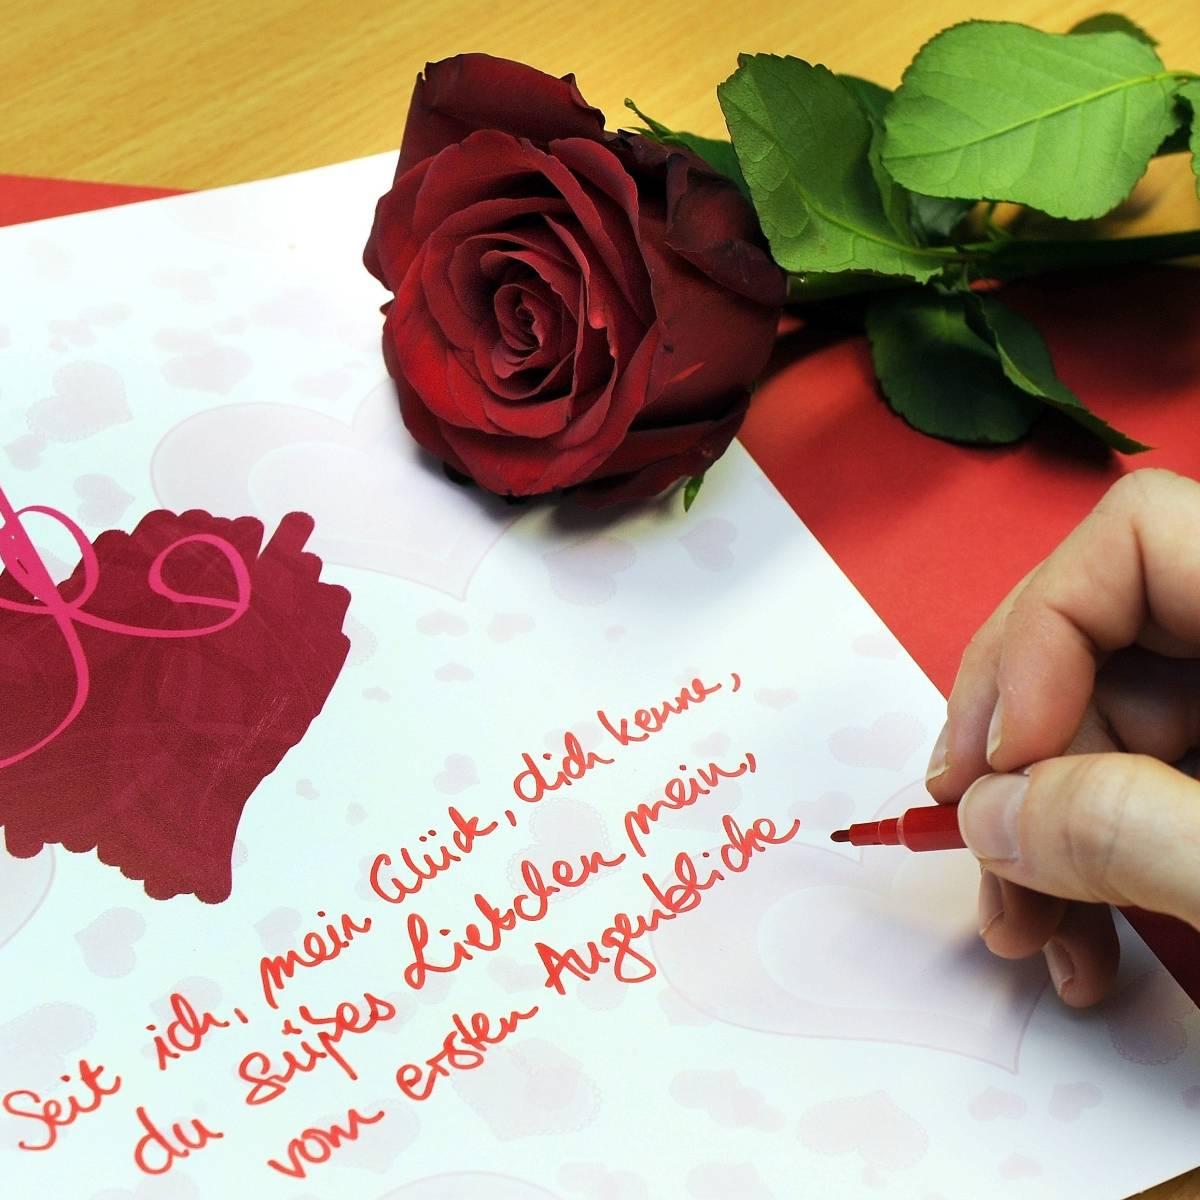 Weinen schöne liebesbriefe zum 15 Verschiedene